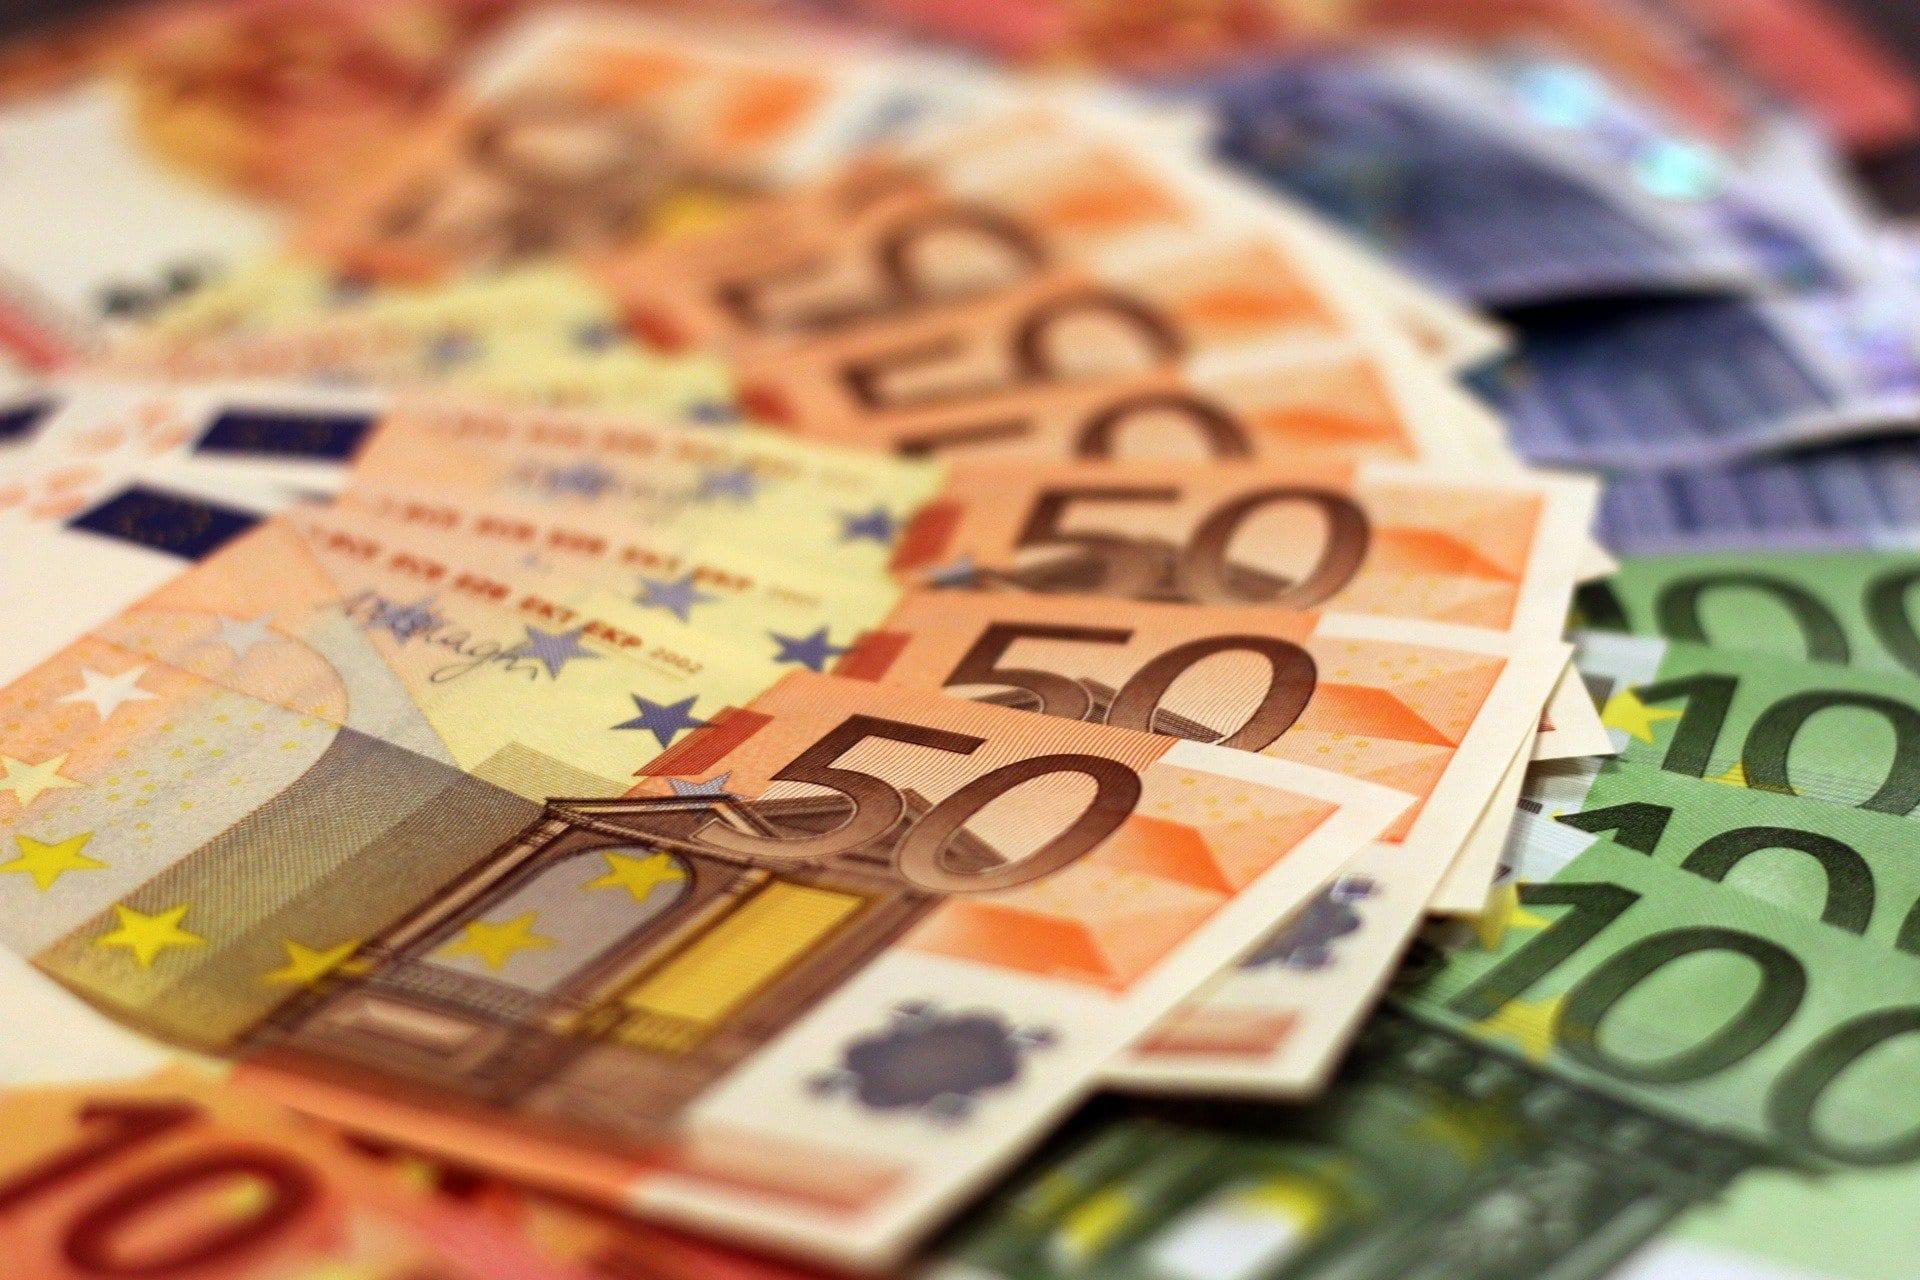 Curs valutar 19 aprilie 2021. La ce valoare ajunge euro azi